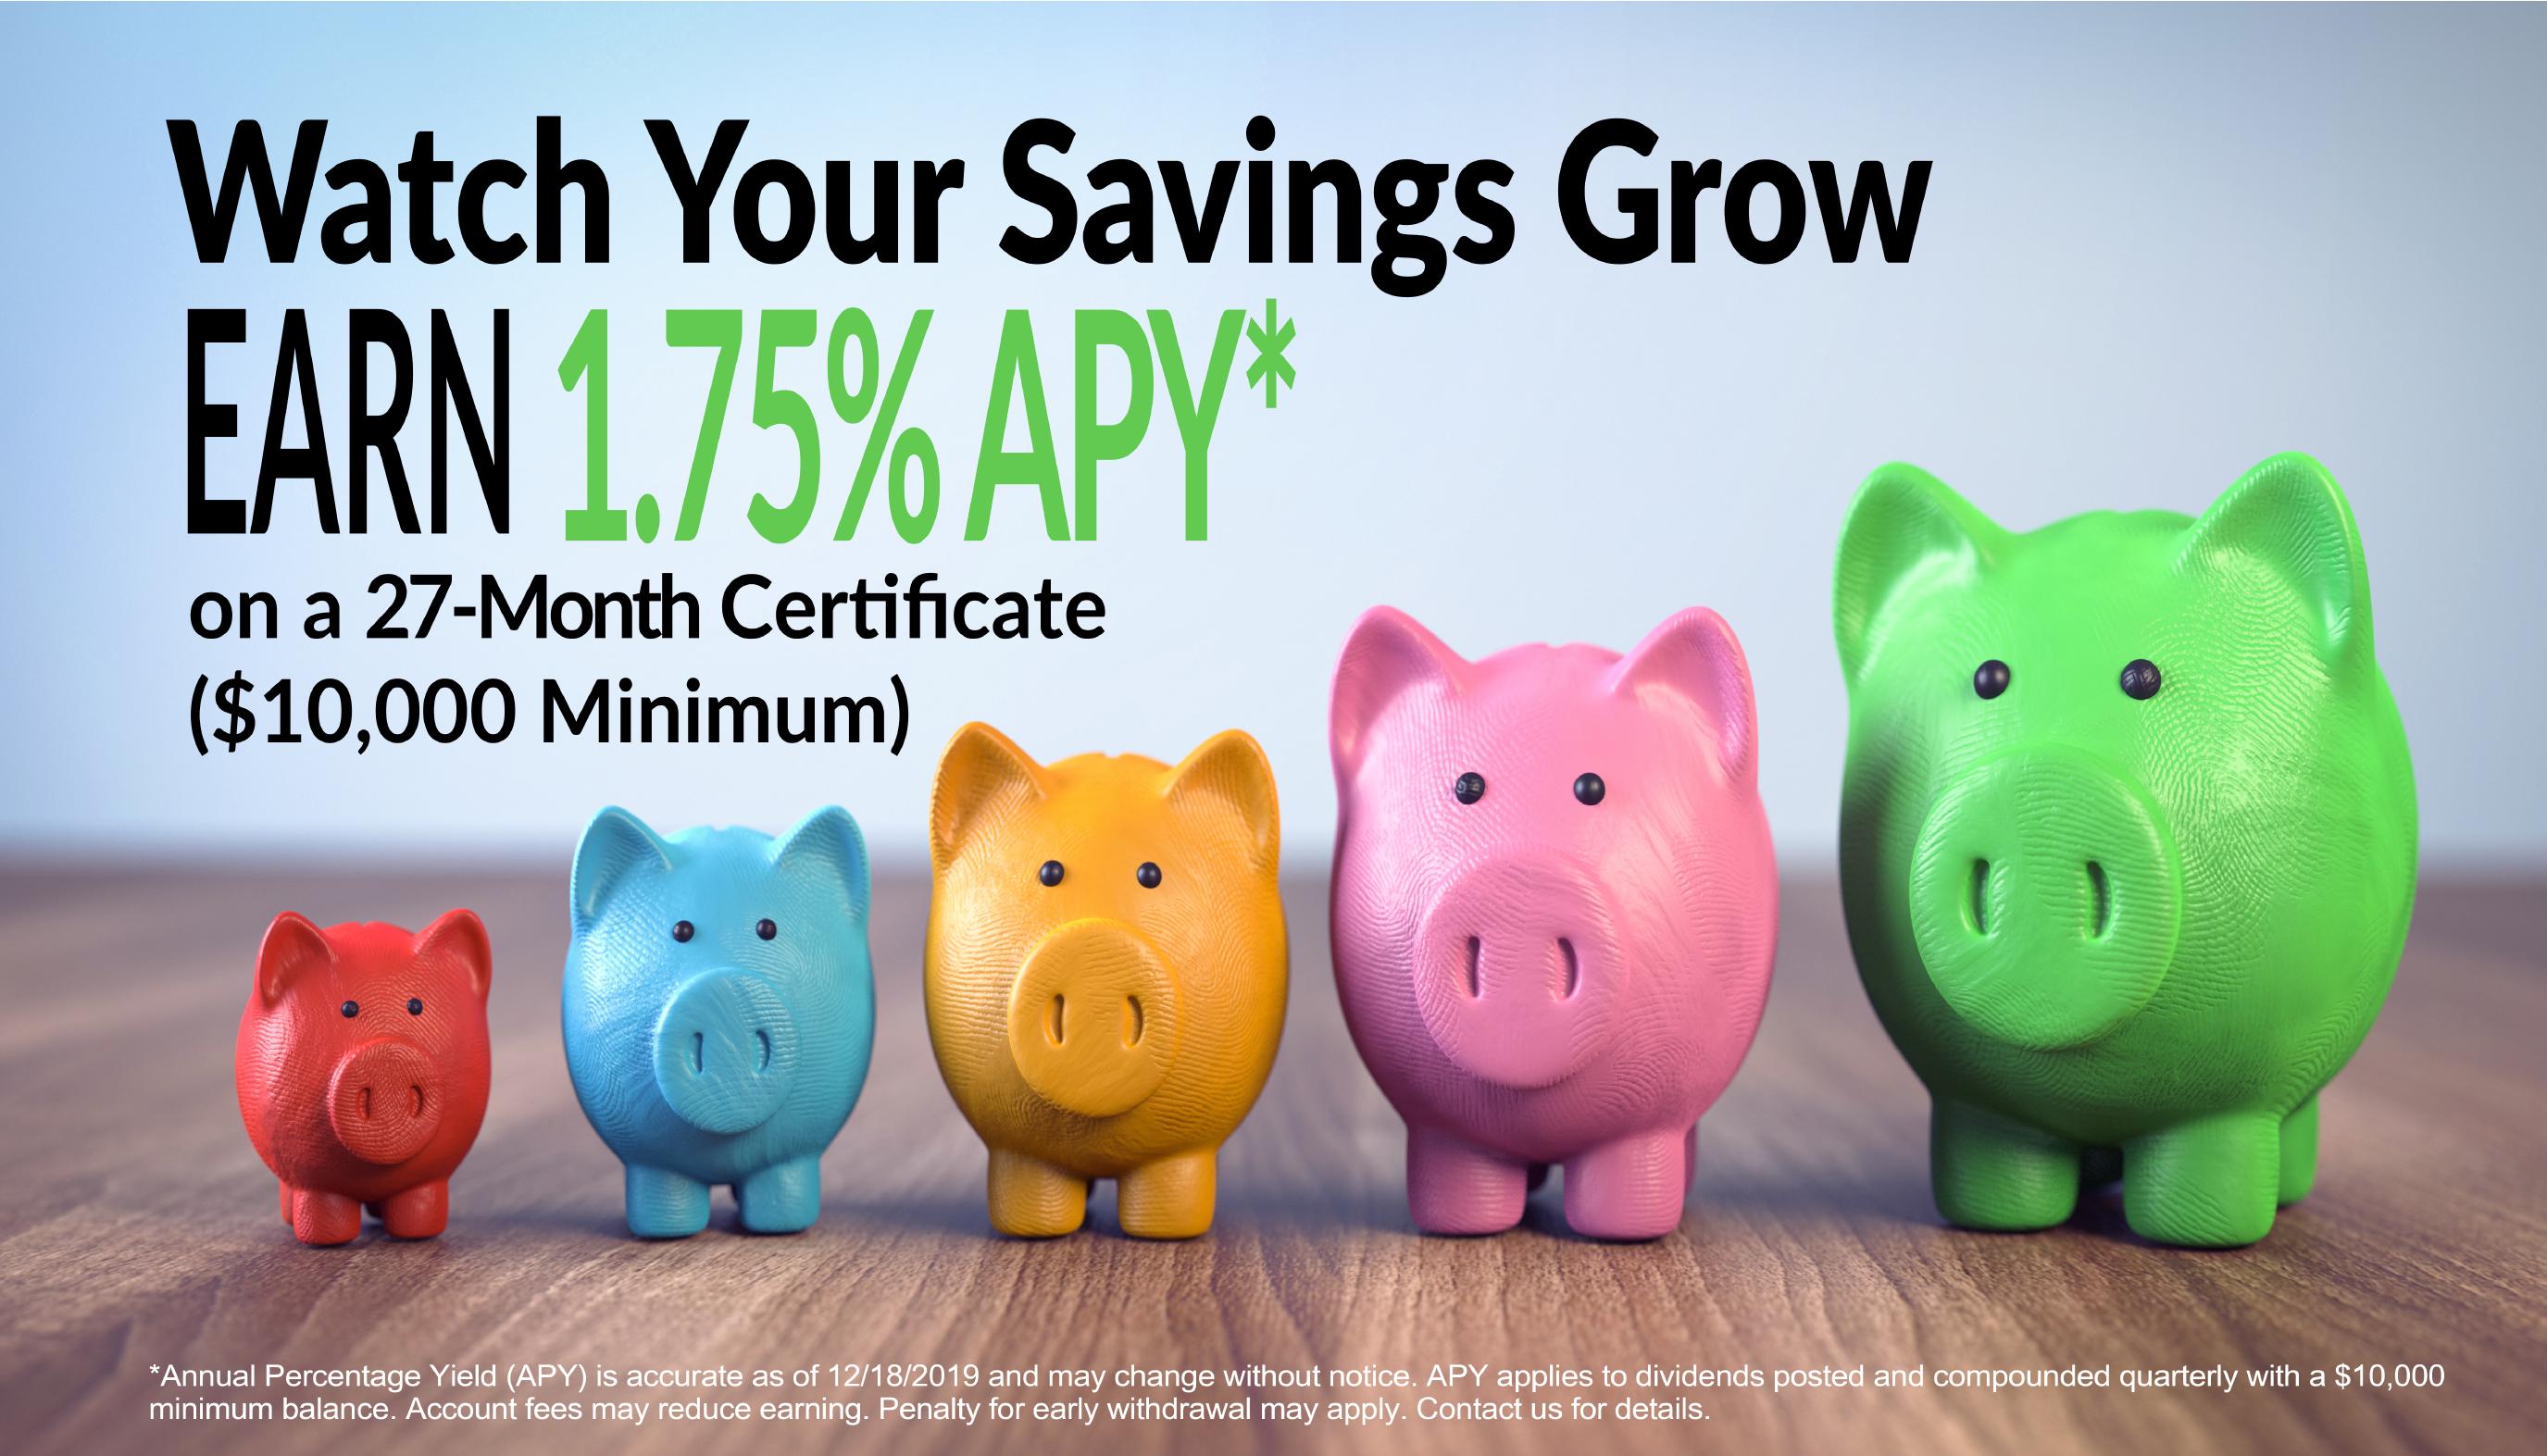 Watch Your Savings Grow!